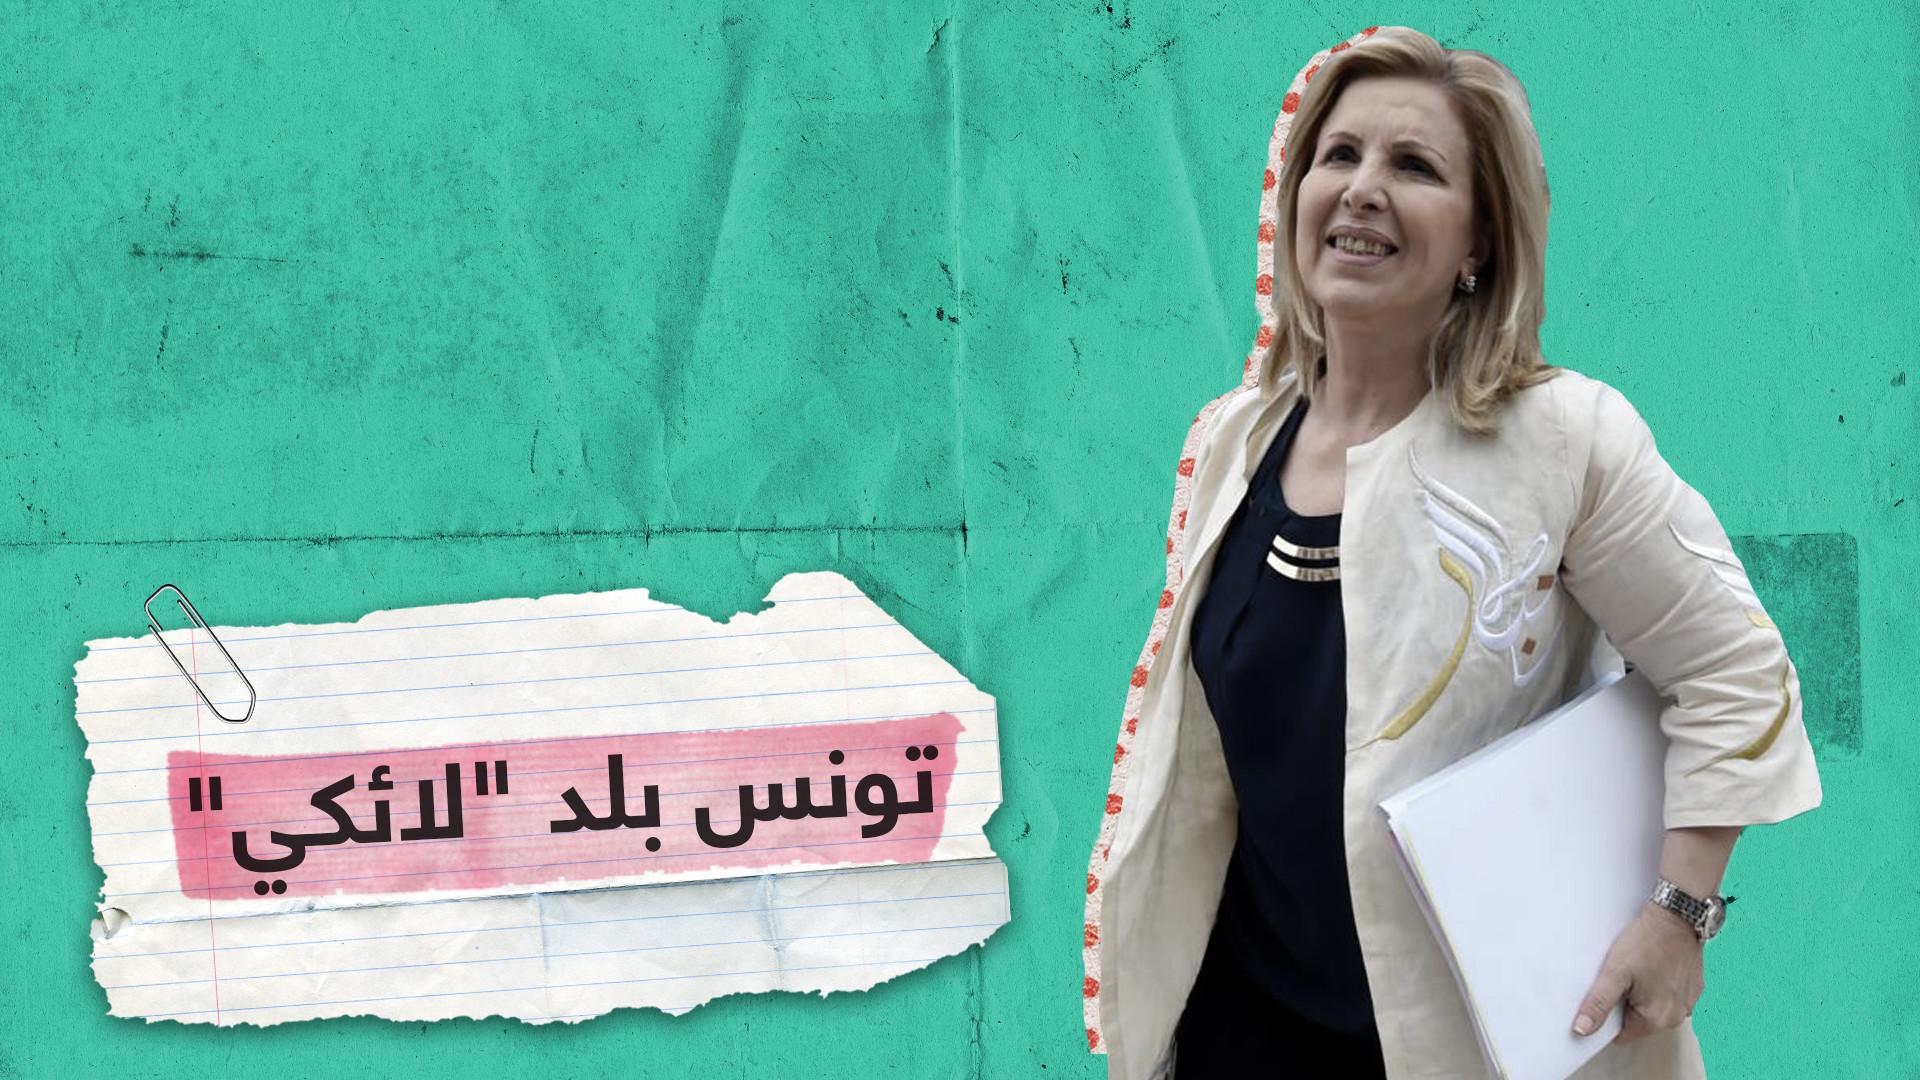 مرشحة للرئاسة: تونس بلد  لائكي  - RT-Arabic